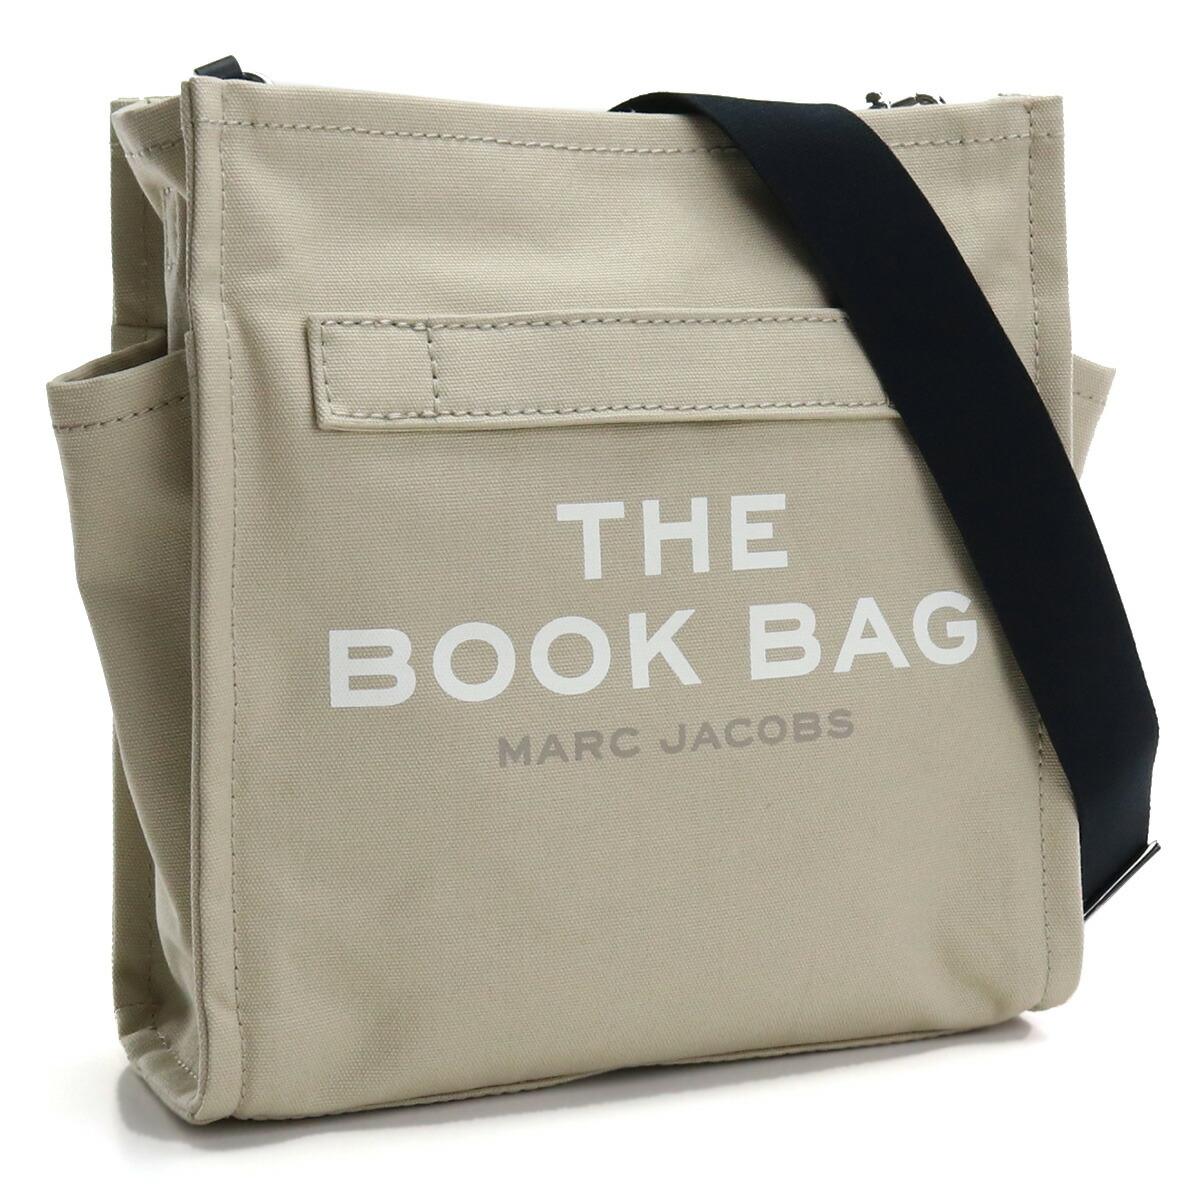 マーク・ジェイコブス MARC JACOBS THE BOOK BAG 斜め掛け ショルダーバッグ ブランドバッグ M0017047 260 BEIGE ベージュ系